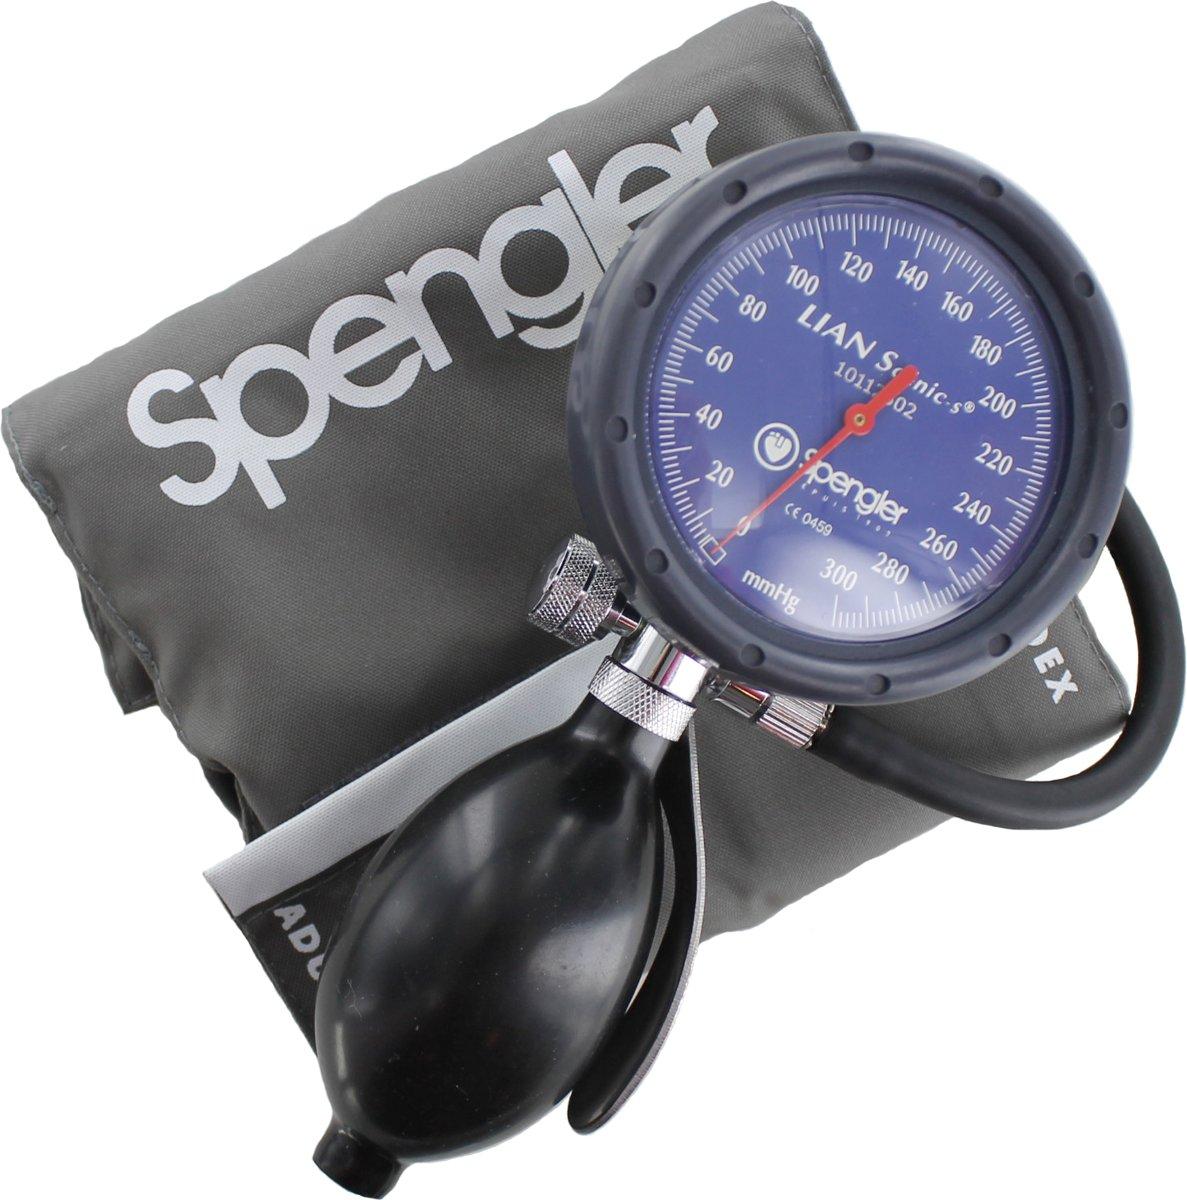 Spengler Lian Scenic-S Bloeddrukmeter